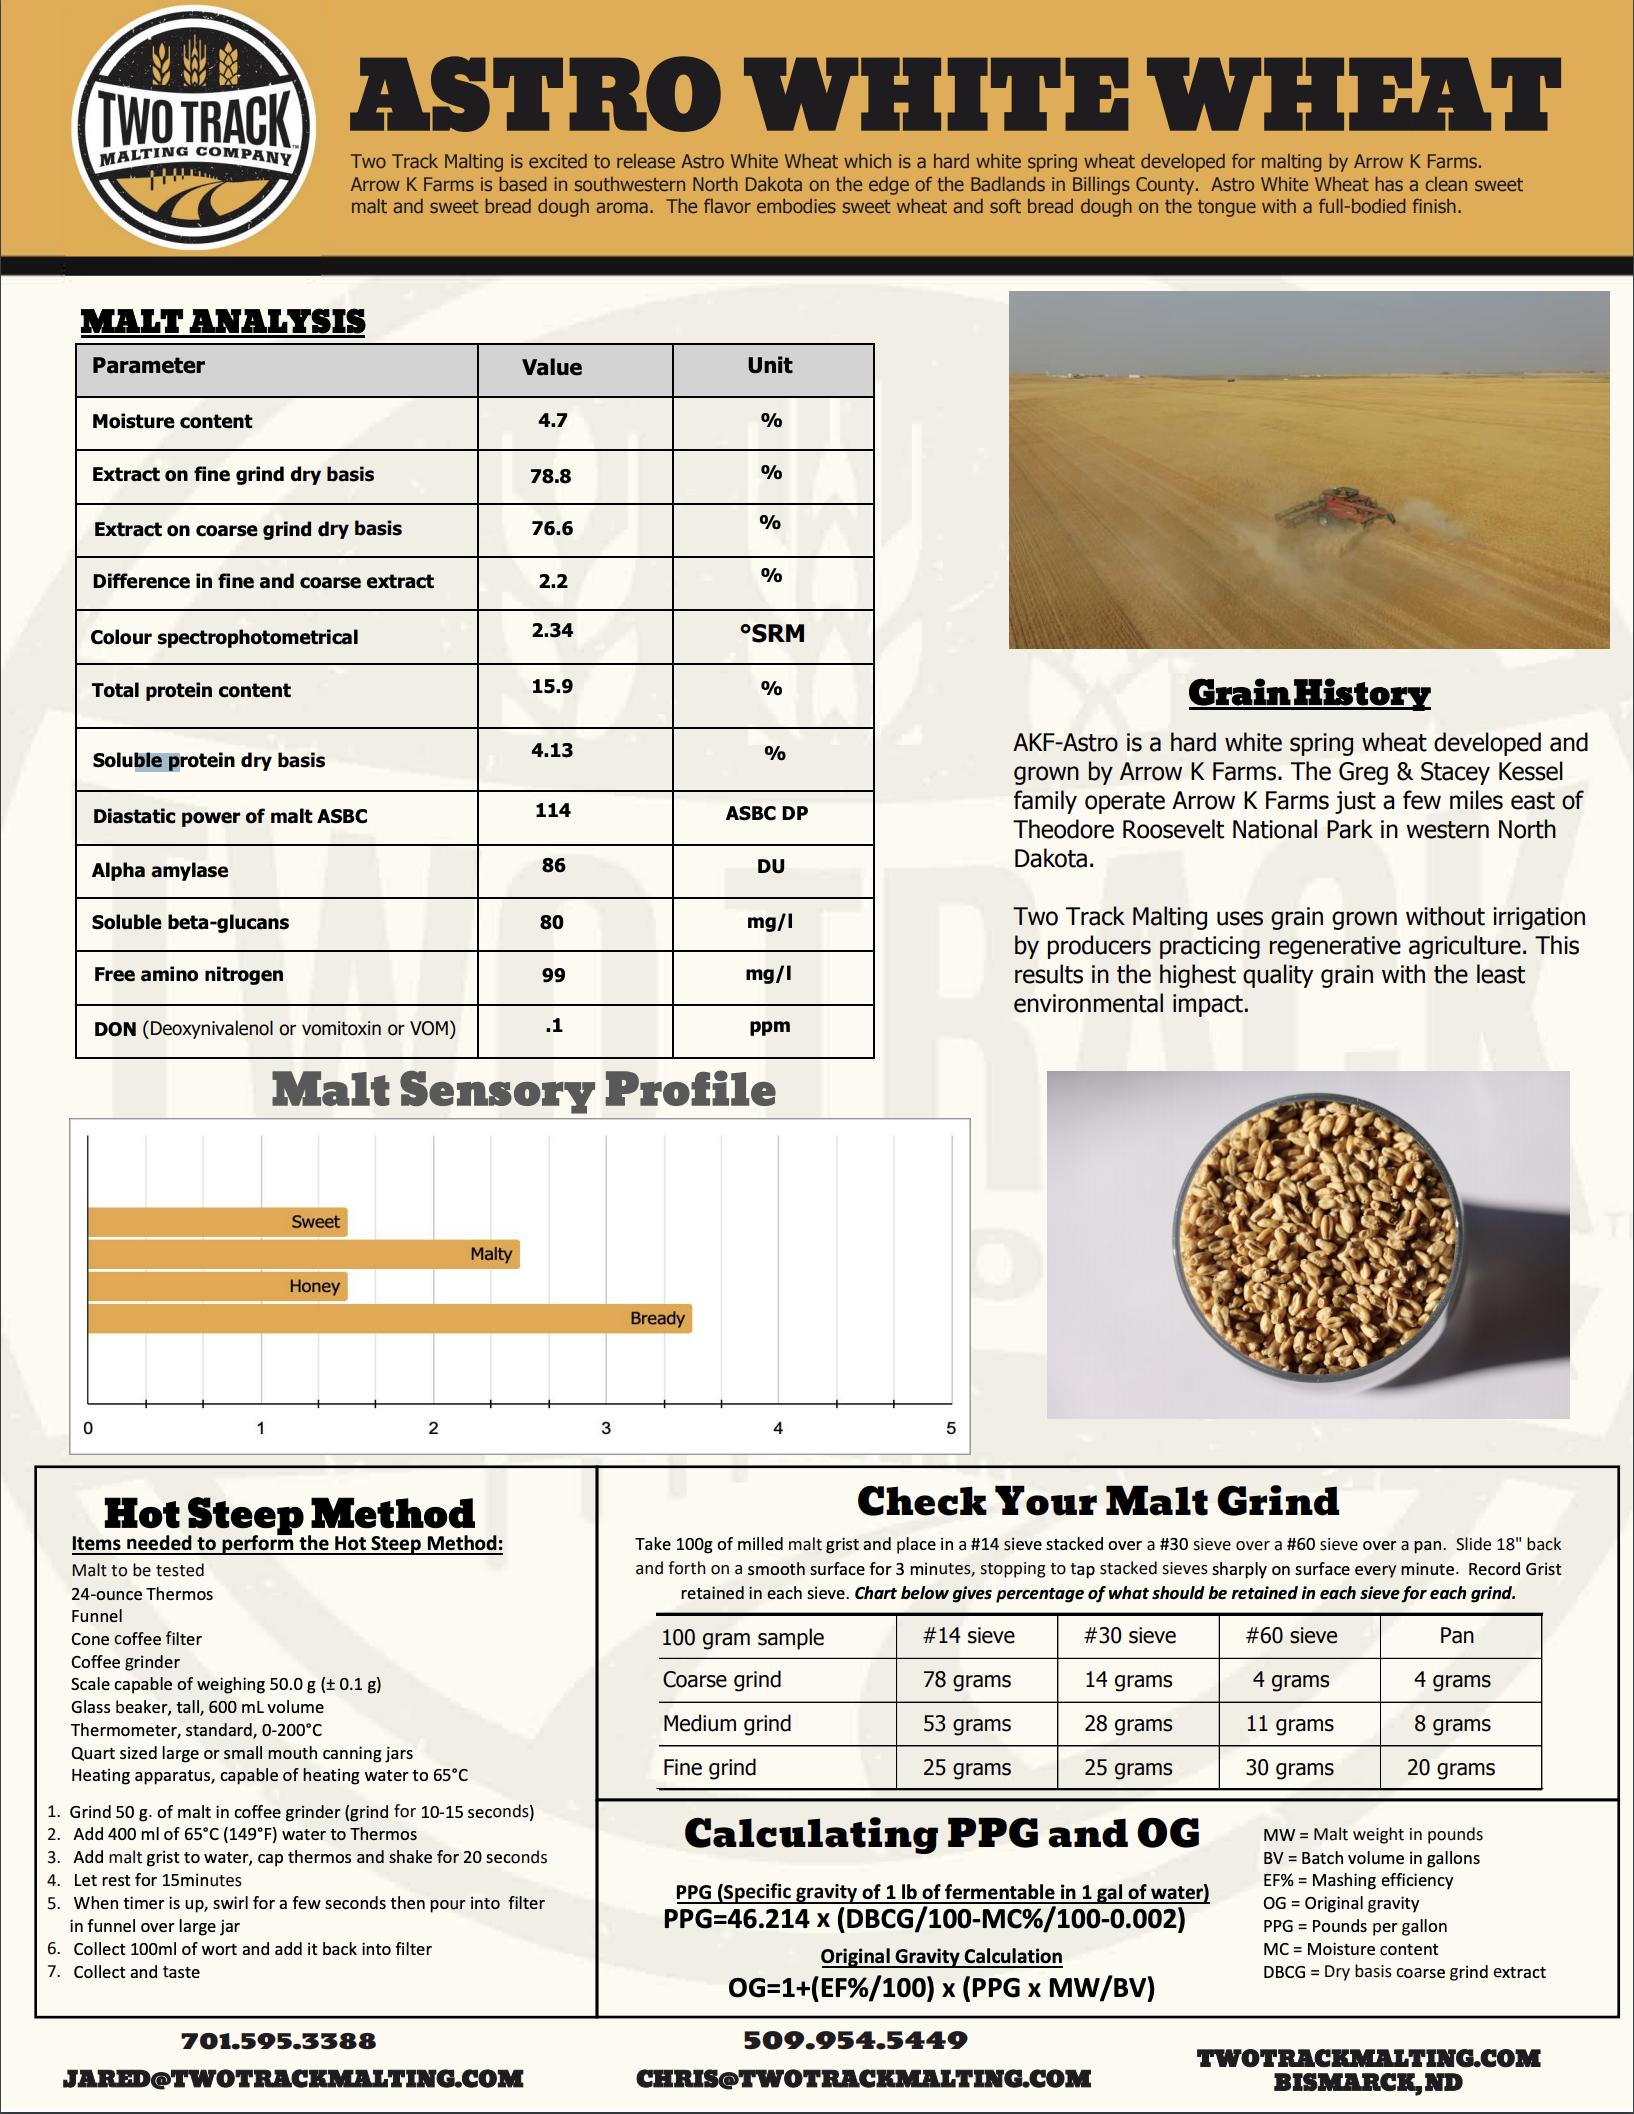 Astro Wheat